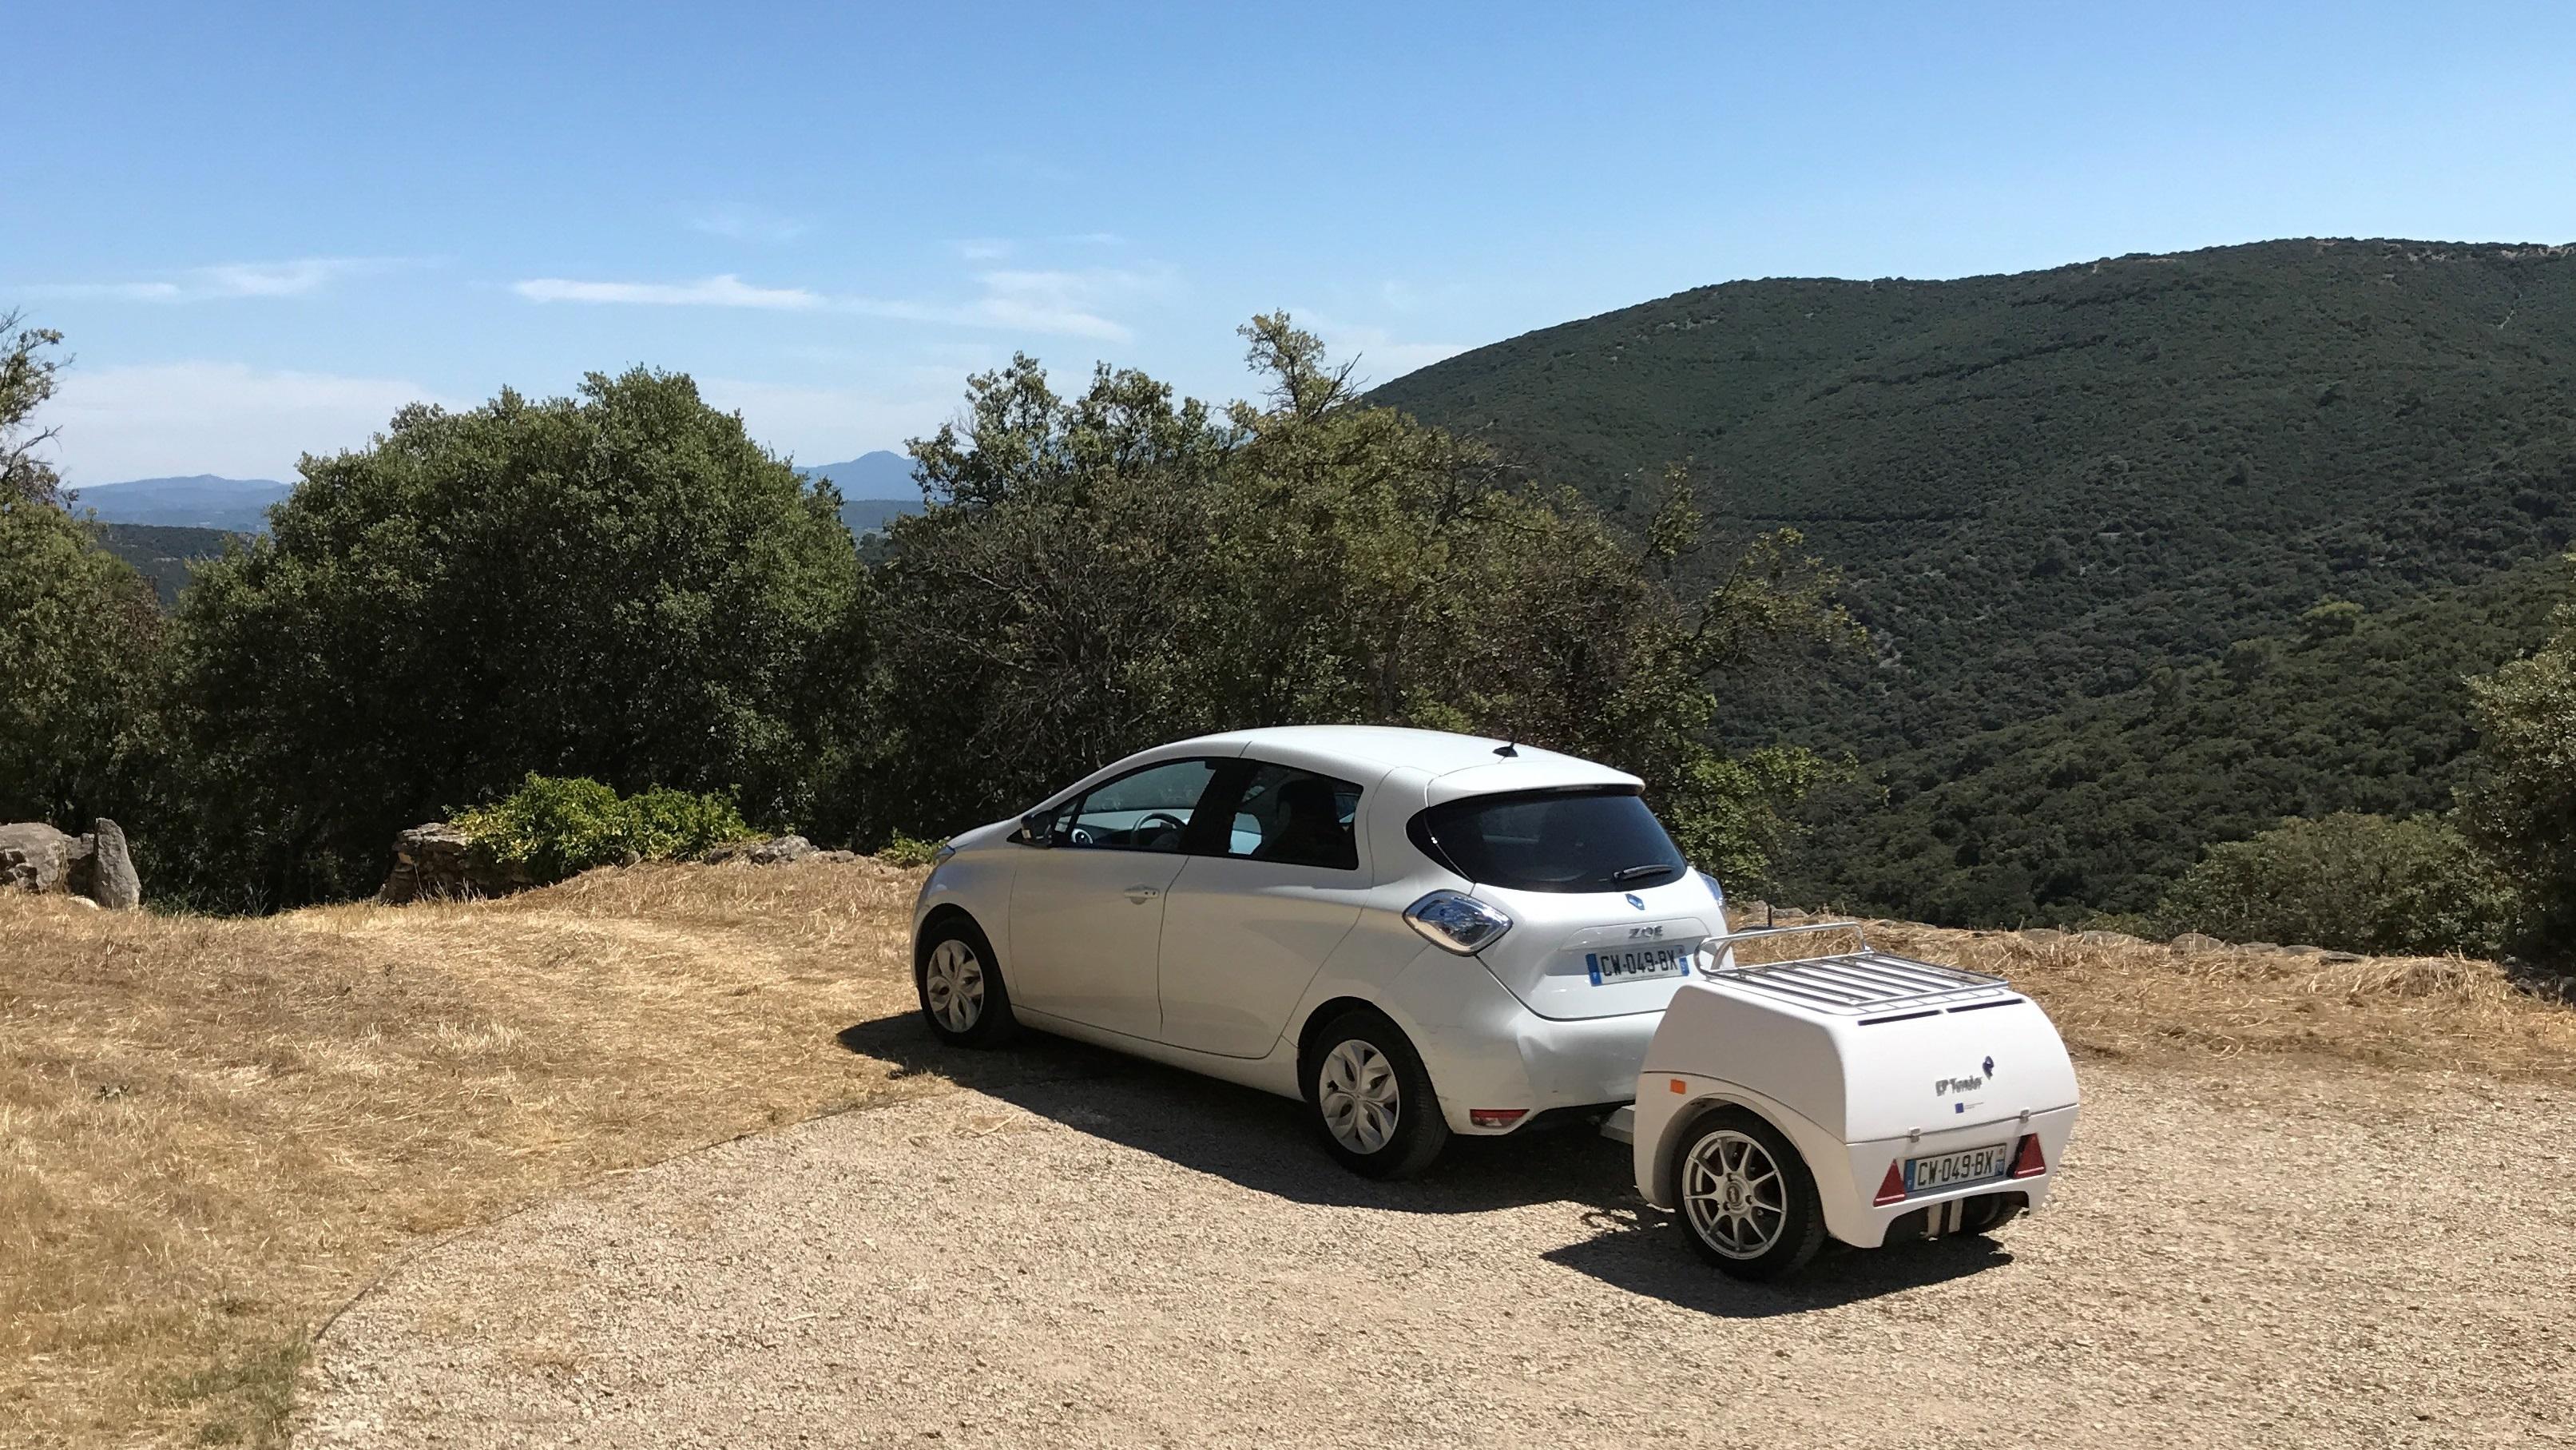 Une batterie externe pour recharger votre voiture comme un téléphone ! By DETOURS                        Boucle-en-Zoe-decoupee